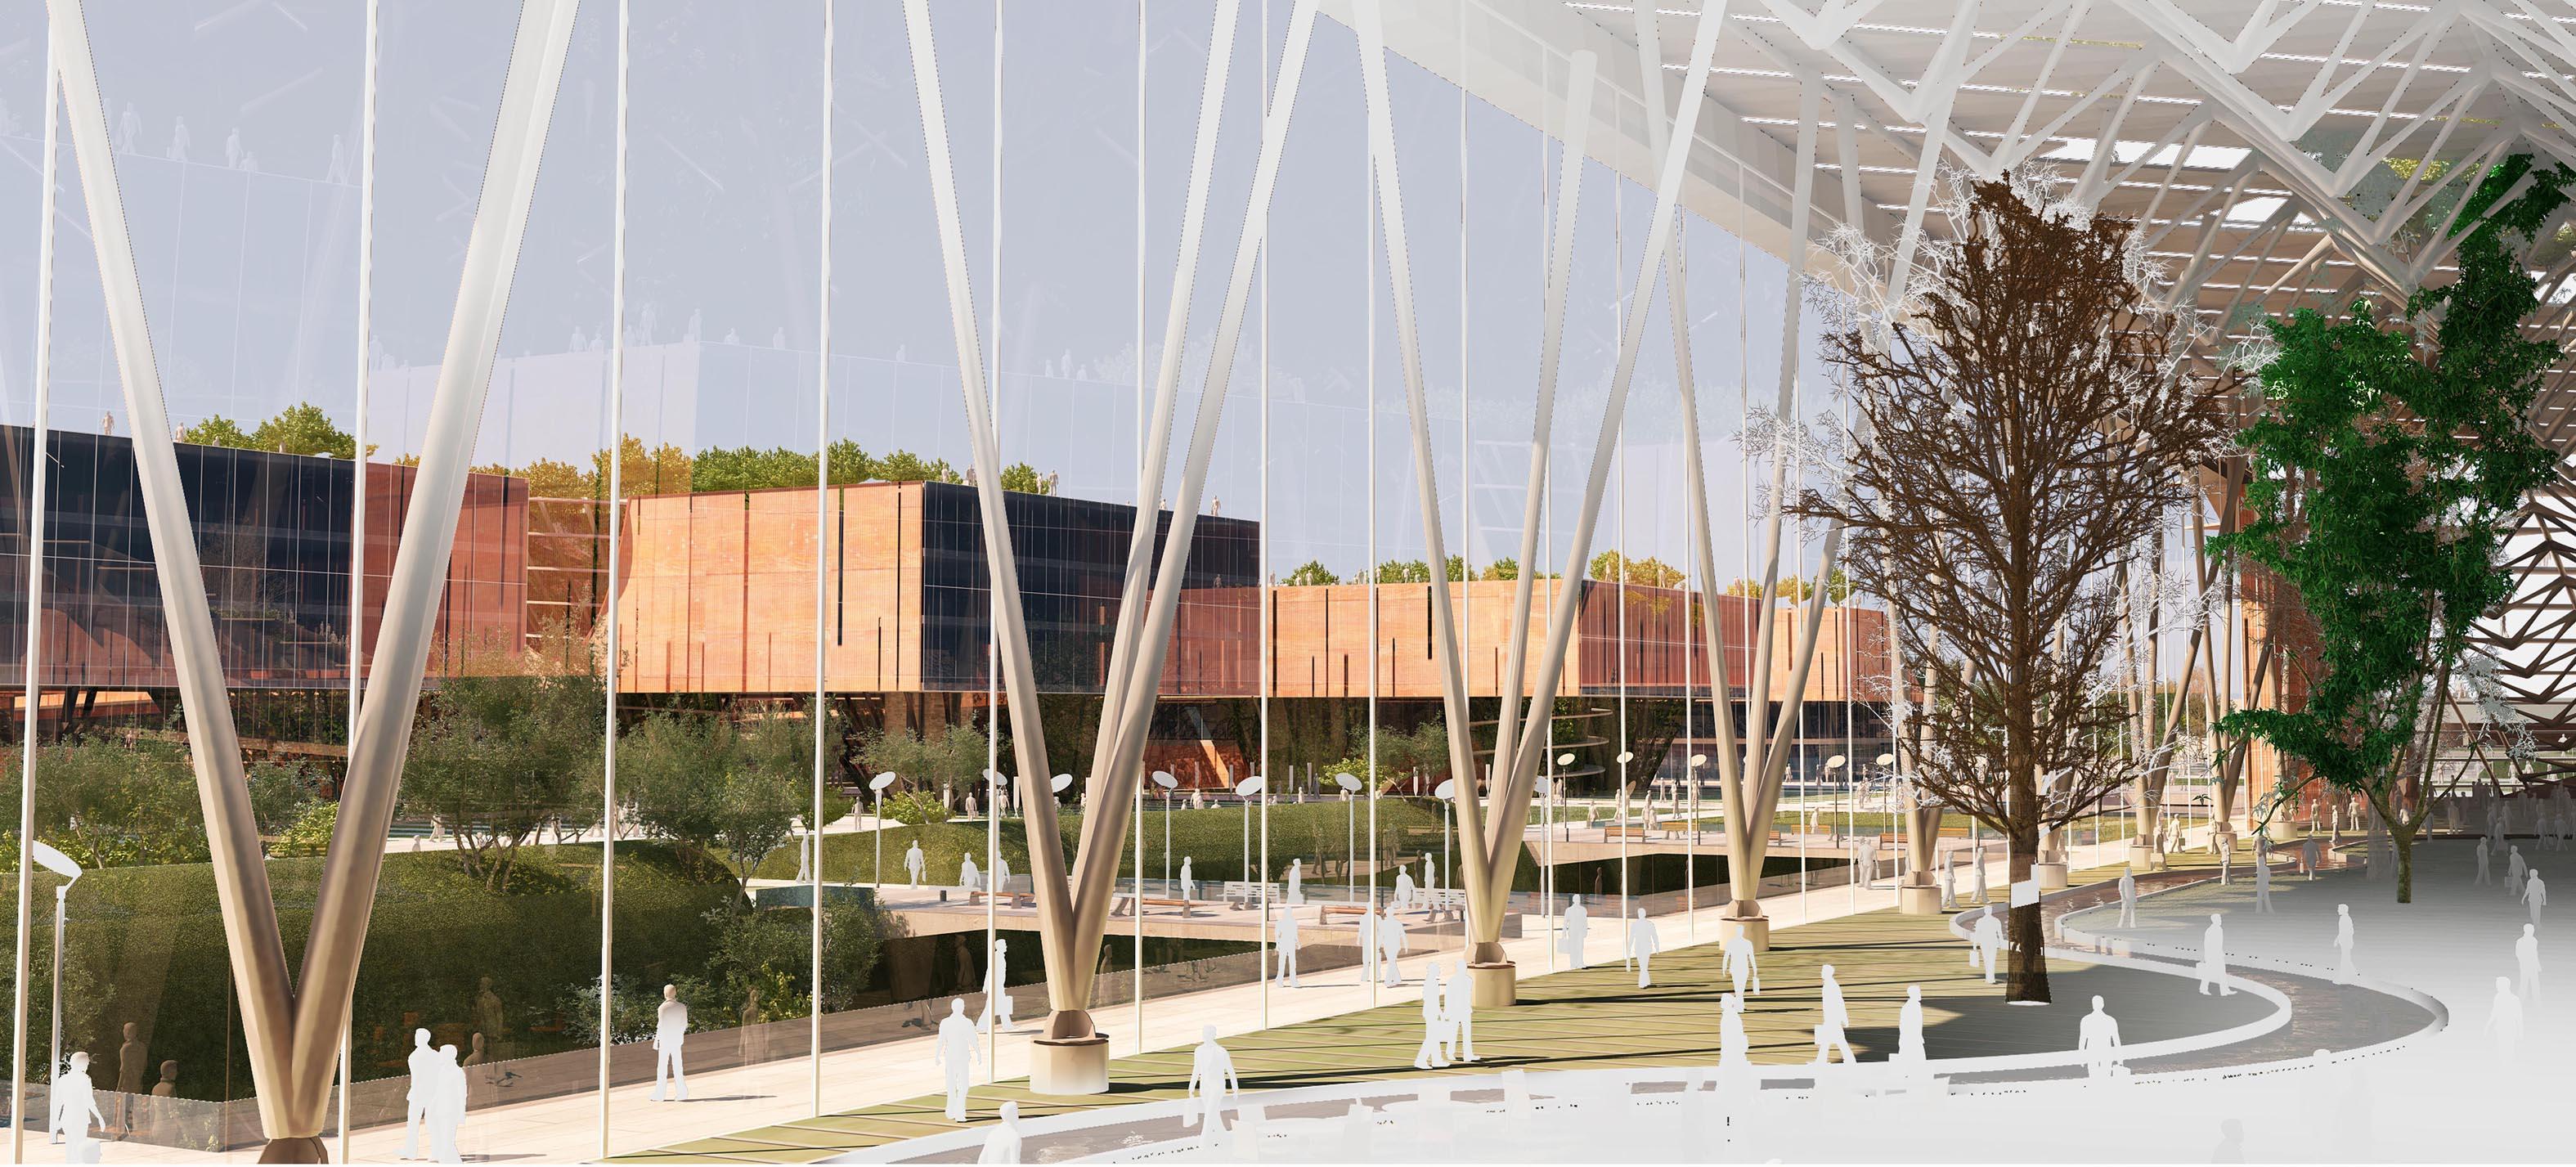 1º Lugar: Complexo de Uso Misto JAY / ASAR Consulting Engineers, © Cortesia de ASAR Consulting Engineers